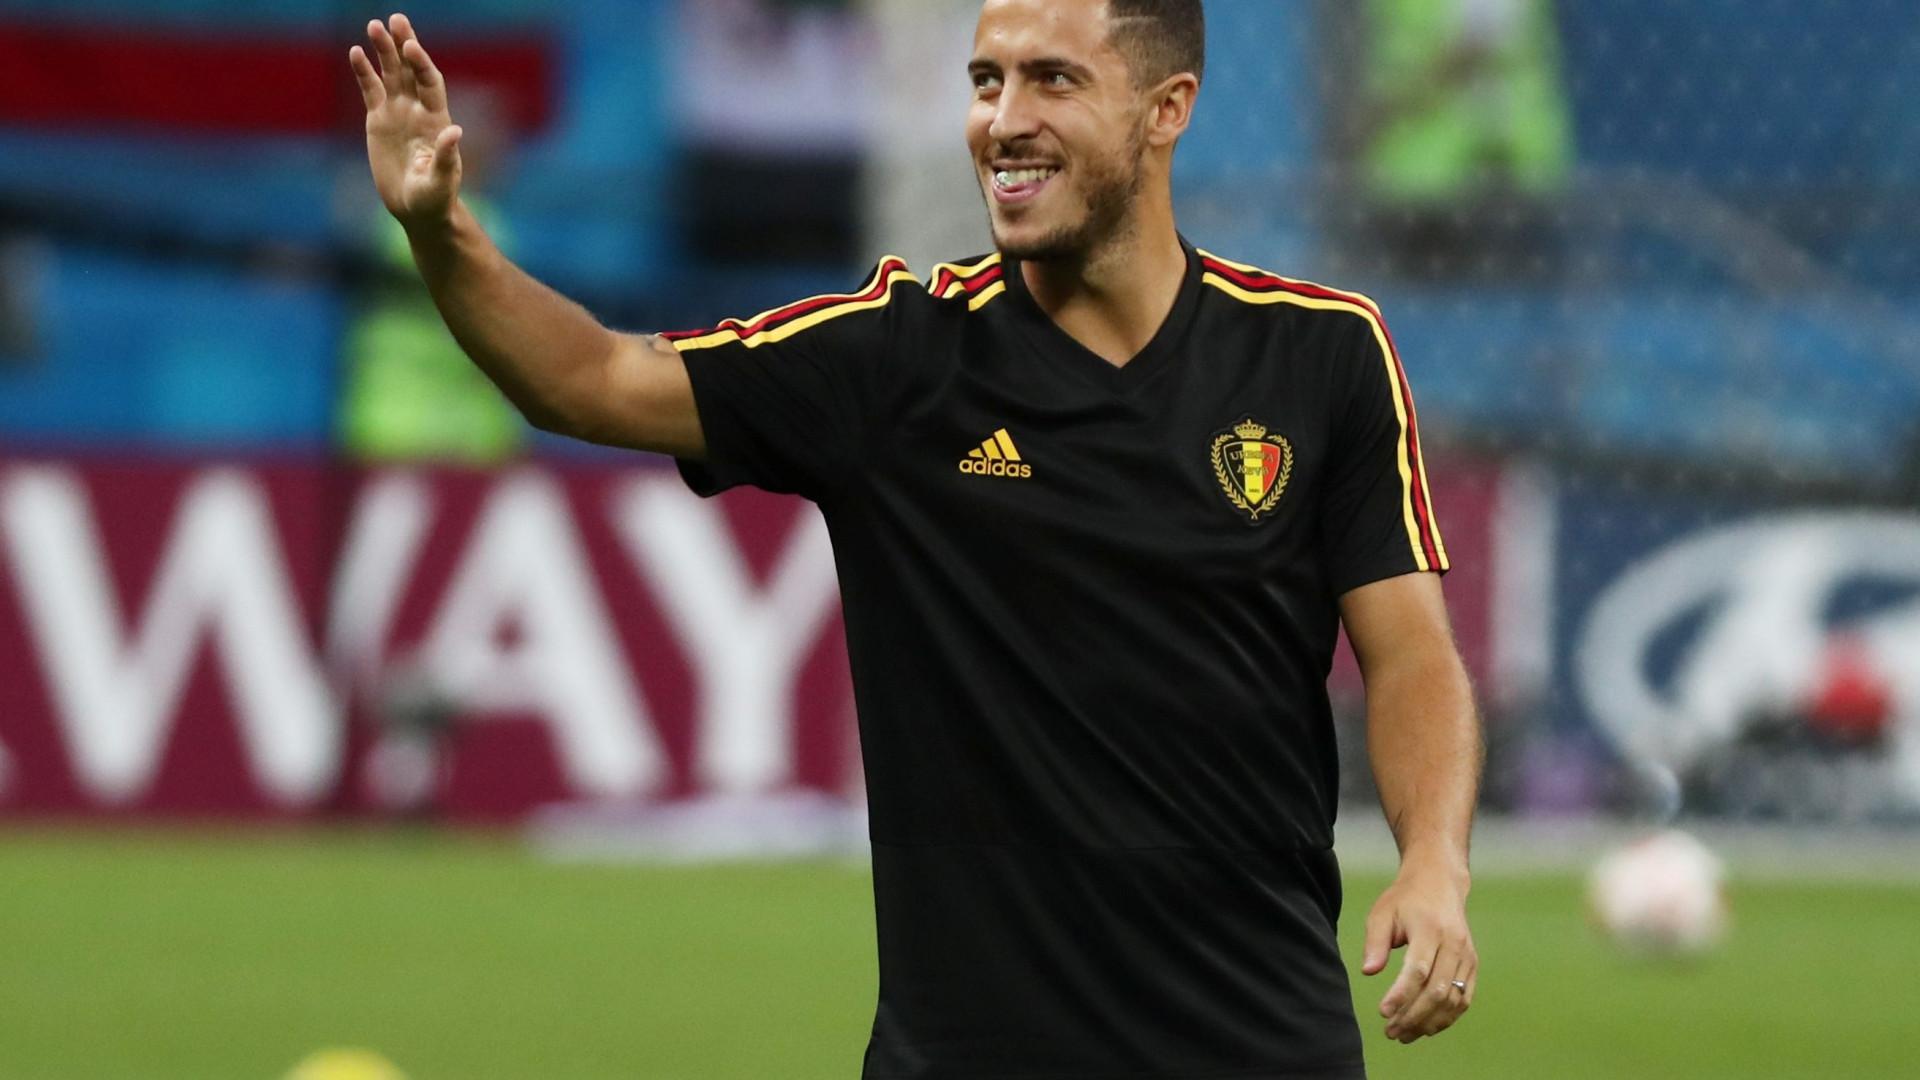 Merengues respondem ao interesse do Barça em Hazard com uma loucura